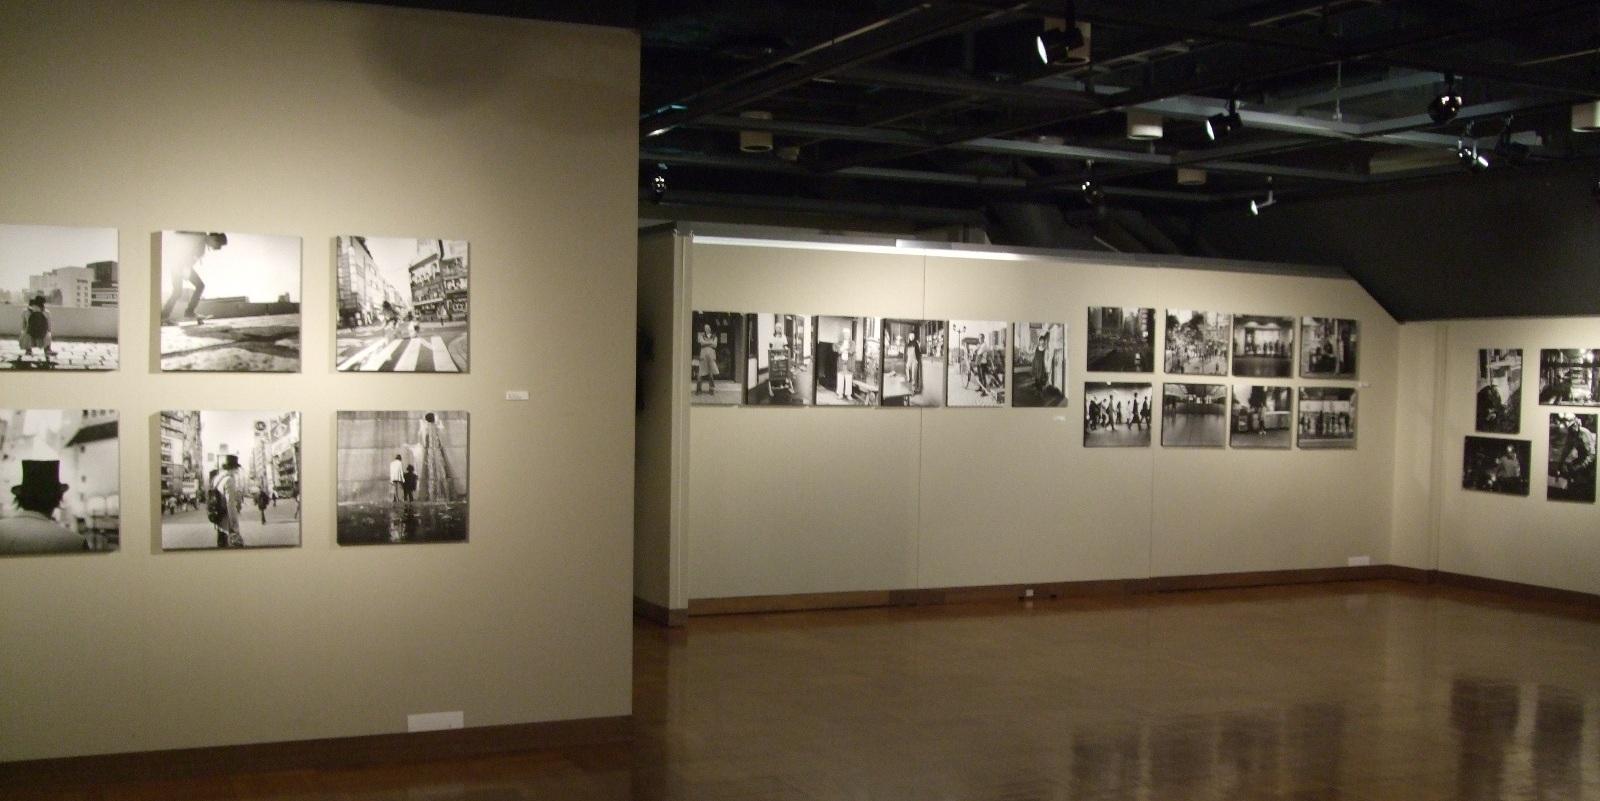 917) ②写真ライブラリー 「札幌ビジュアルアーツ写真学科 卒業制作写真展」 2月18日(火)~2月22日(日)_f0126829_21381944.jpg